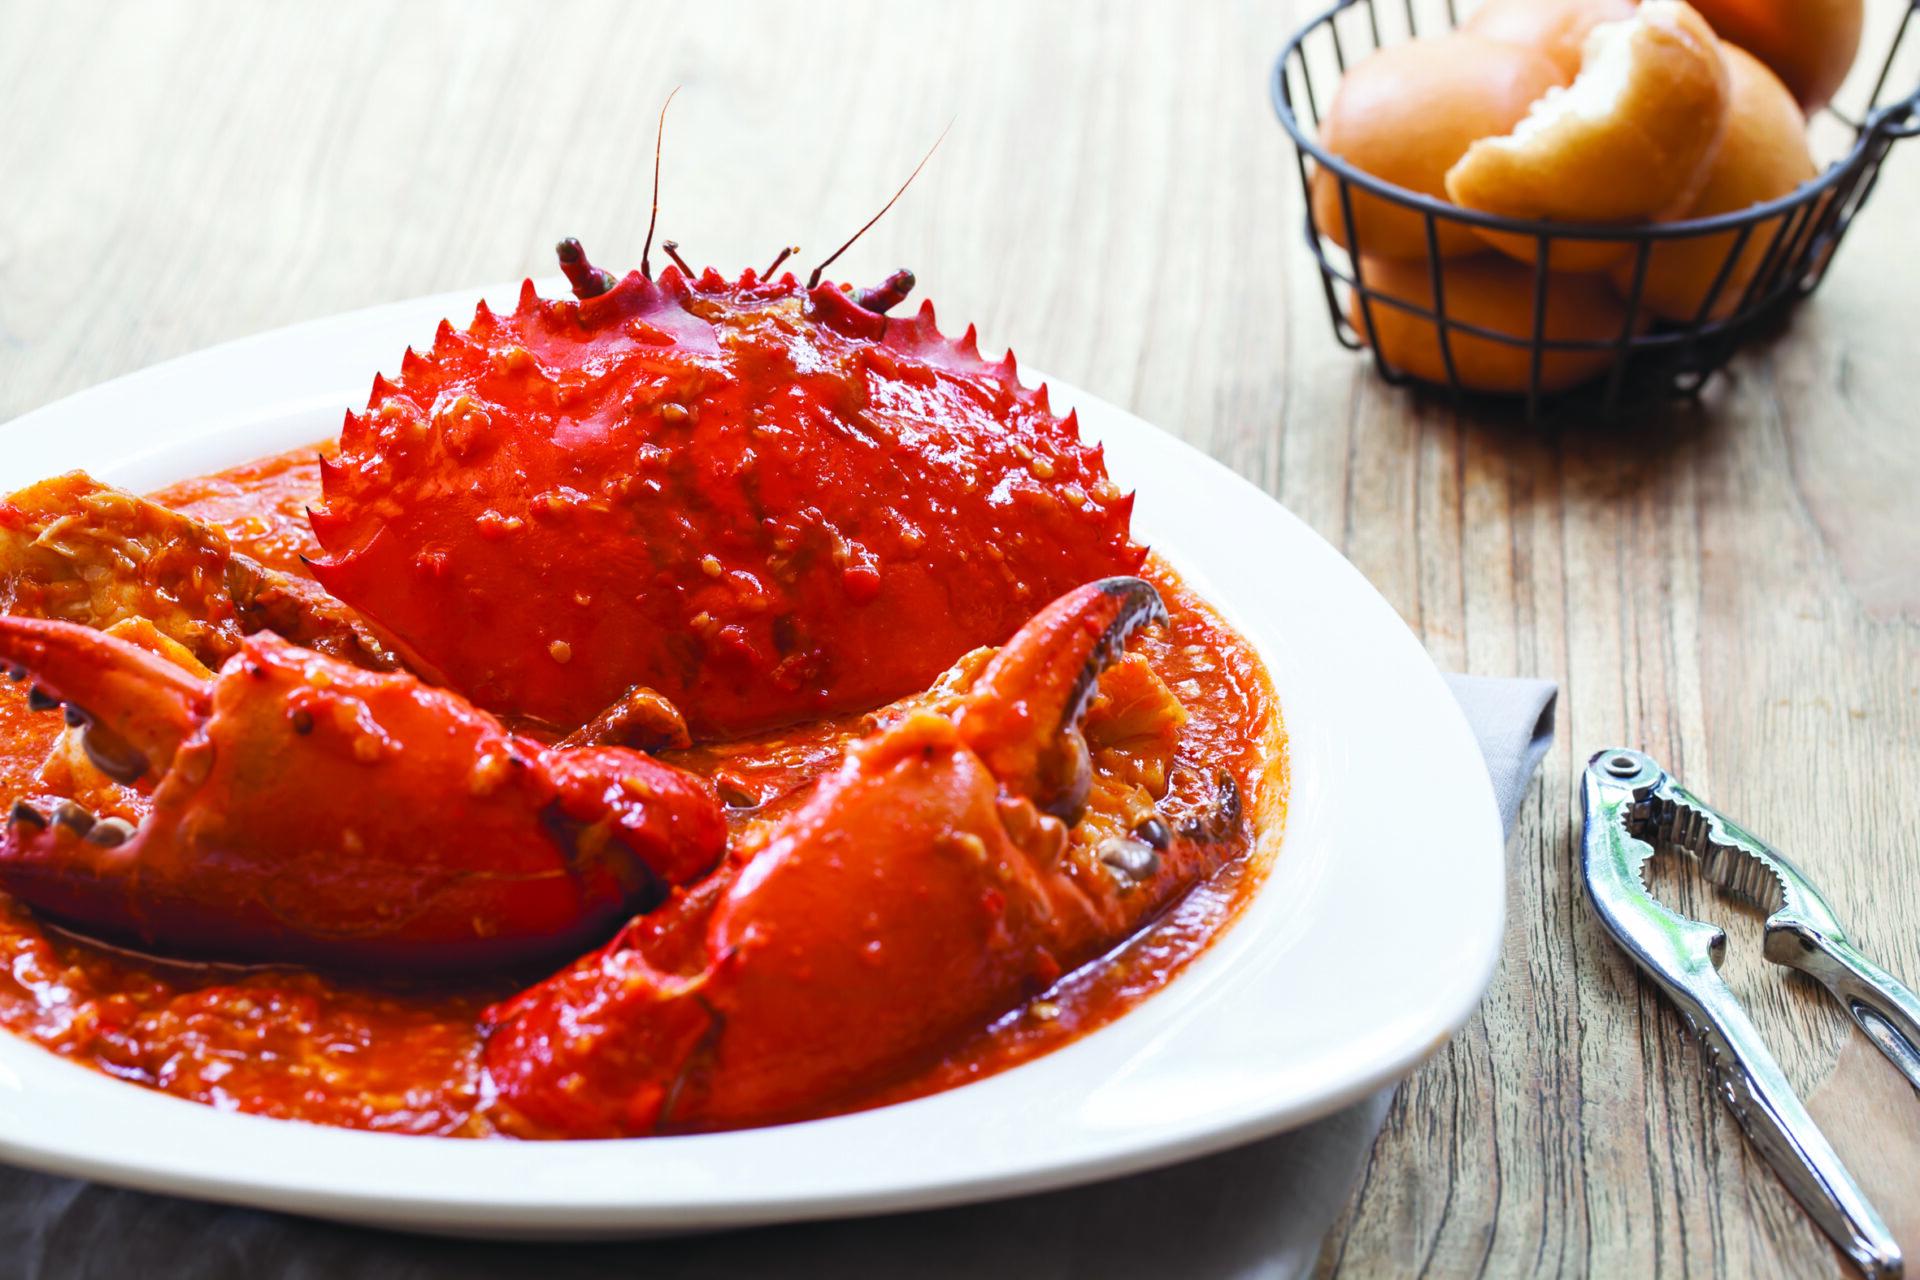 【3月25日開催】日本人に向けたスペシャルディナー。自慢の海鮮料理を飲み放題で